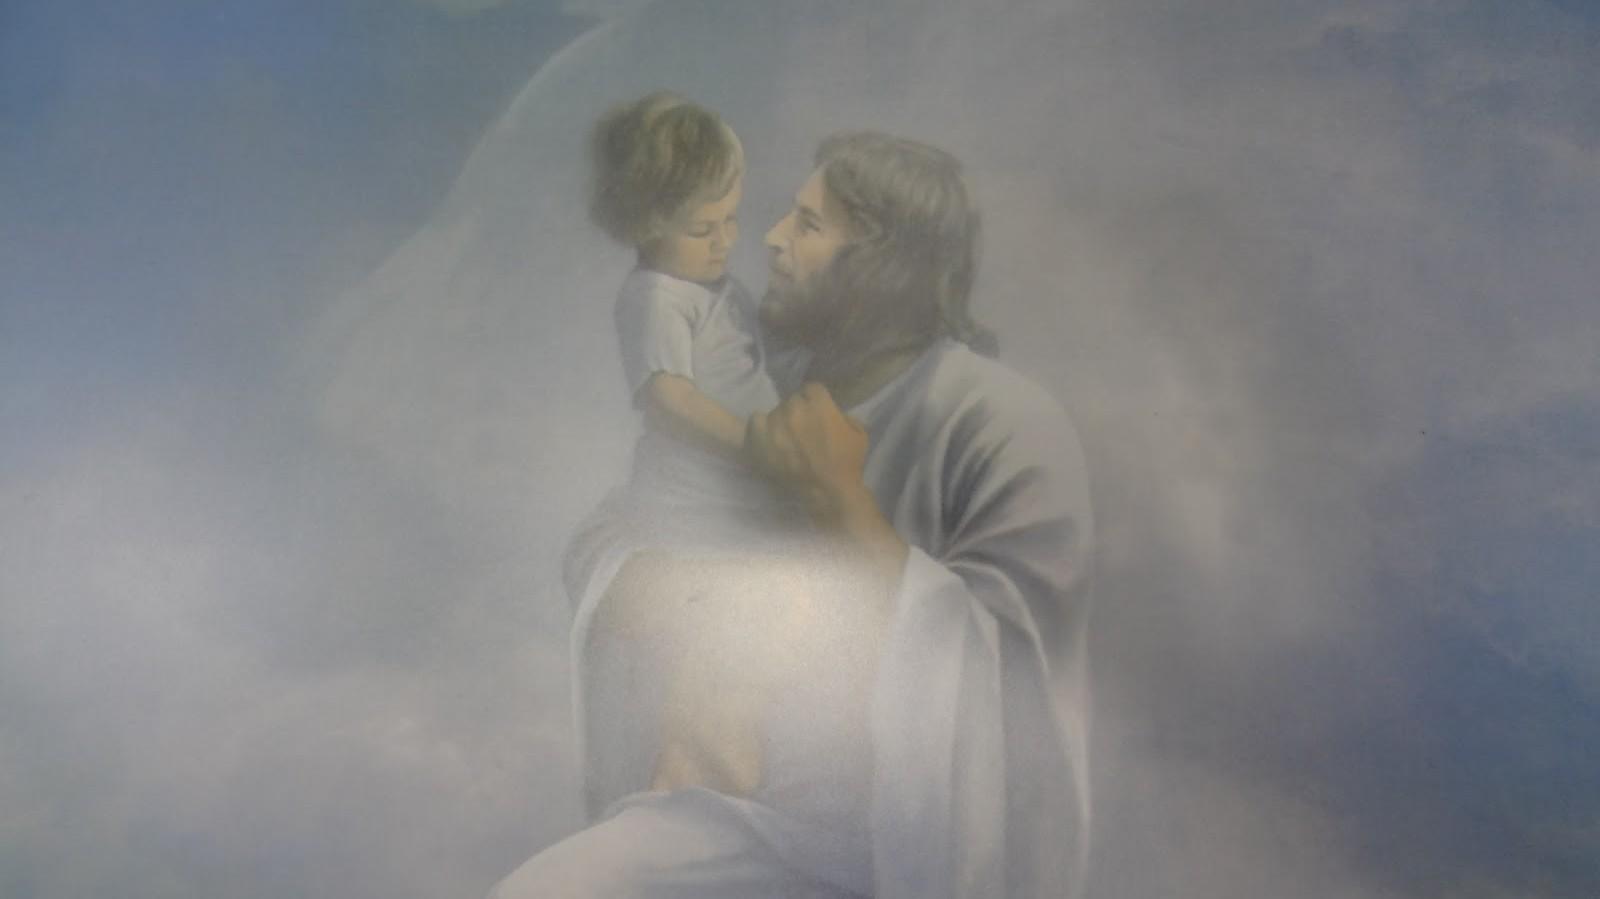 Un Protestante tuvo una Experiencia Cercana a la Muerte [y fue Visitado por la Virgen María]